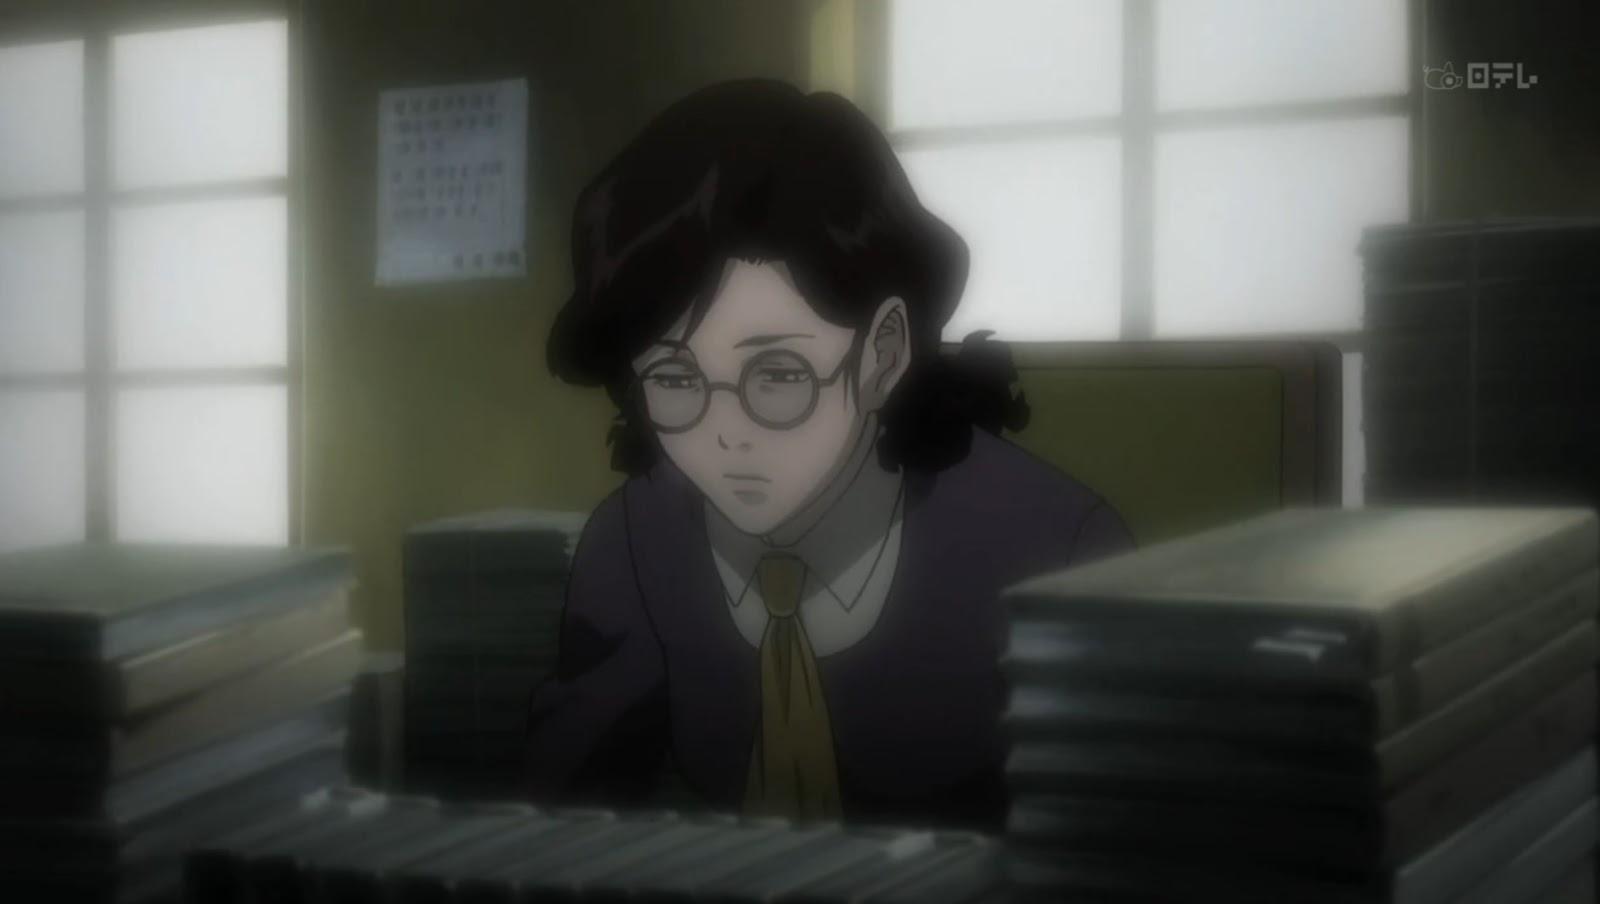 Assistir Aoi Bungaku, Aoi Bungaku - Episódio 02,  HD, Aoi Bungaku - Episódio 02 Legendado, Aoi Bungaku - Episódio 02, Aoi Bungaku - Episódio 02